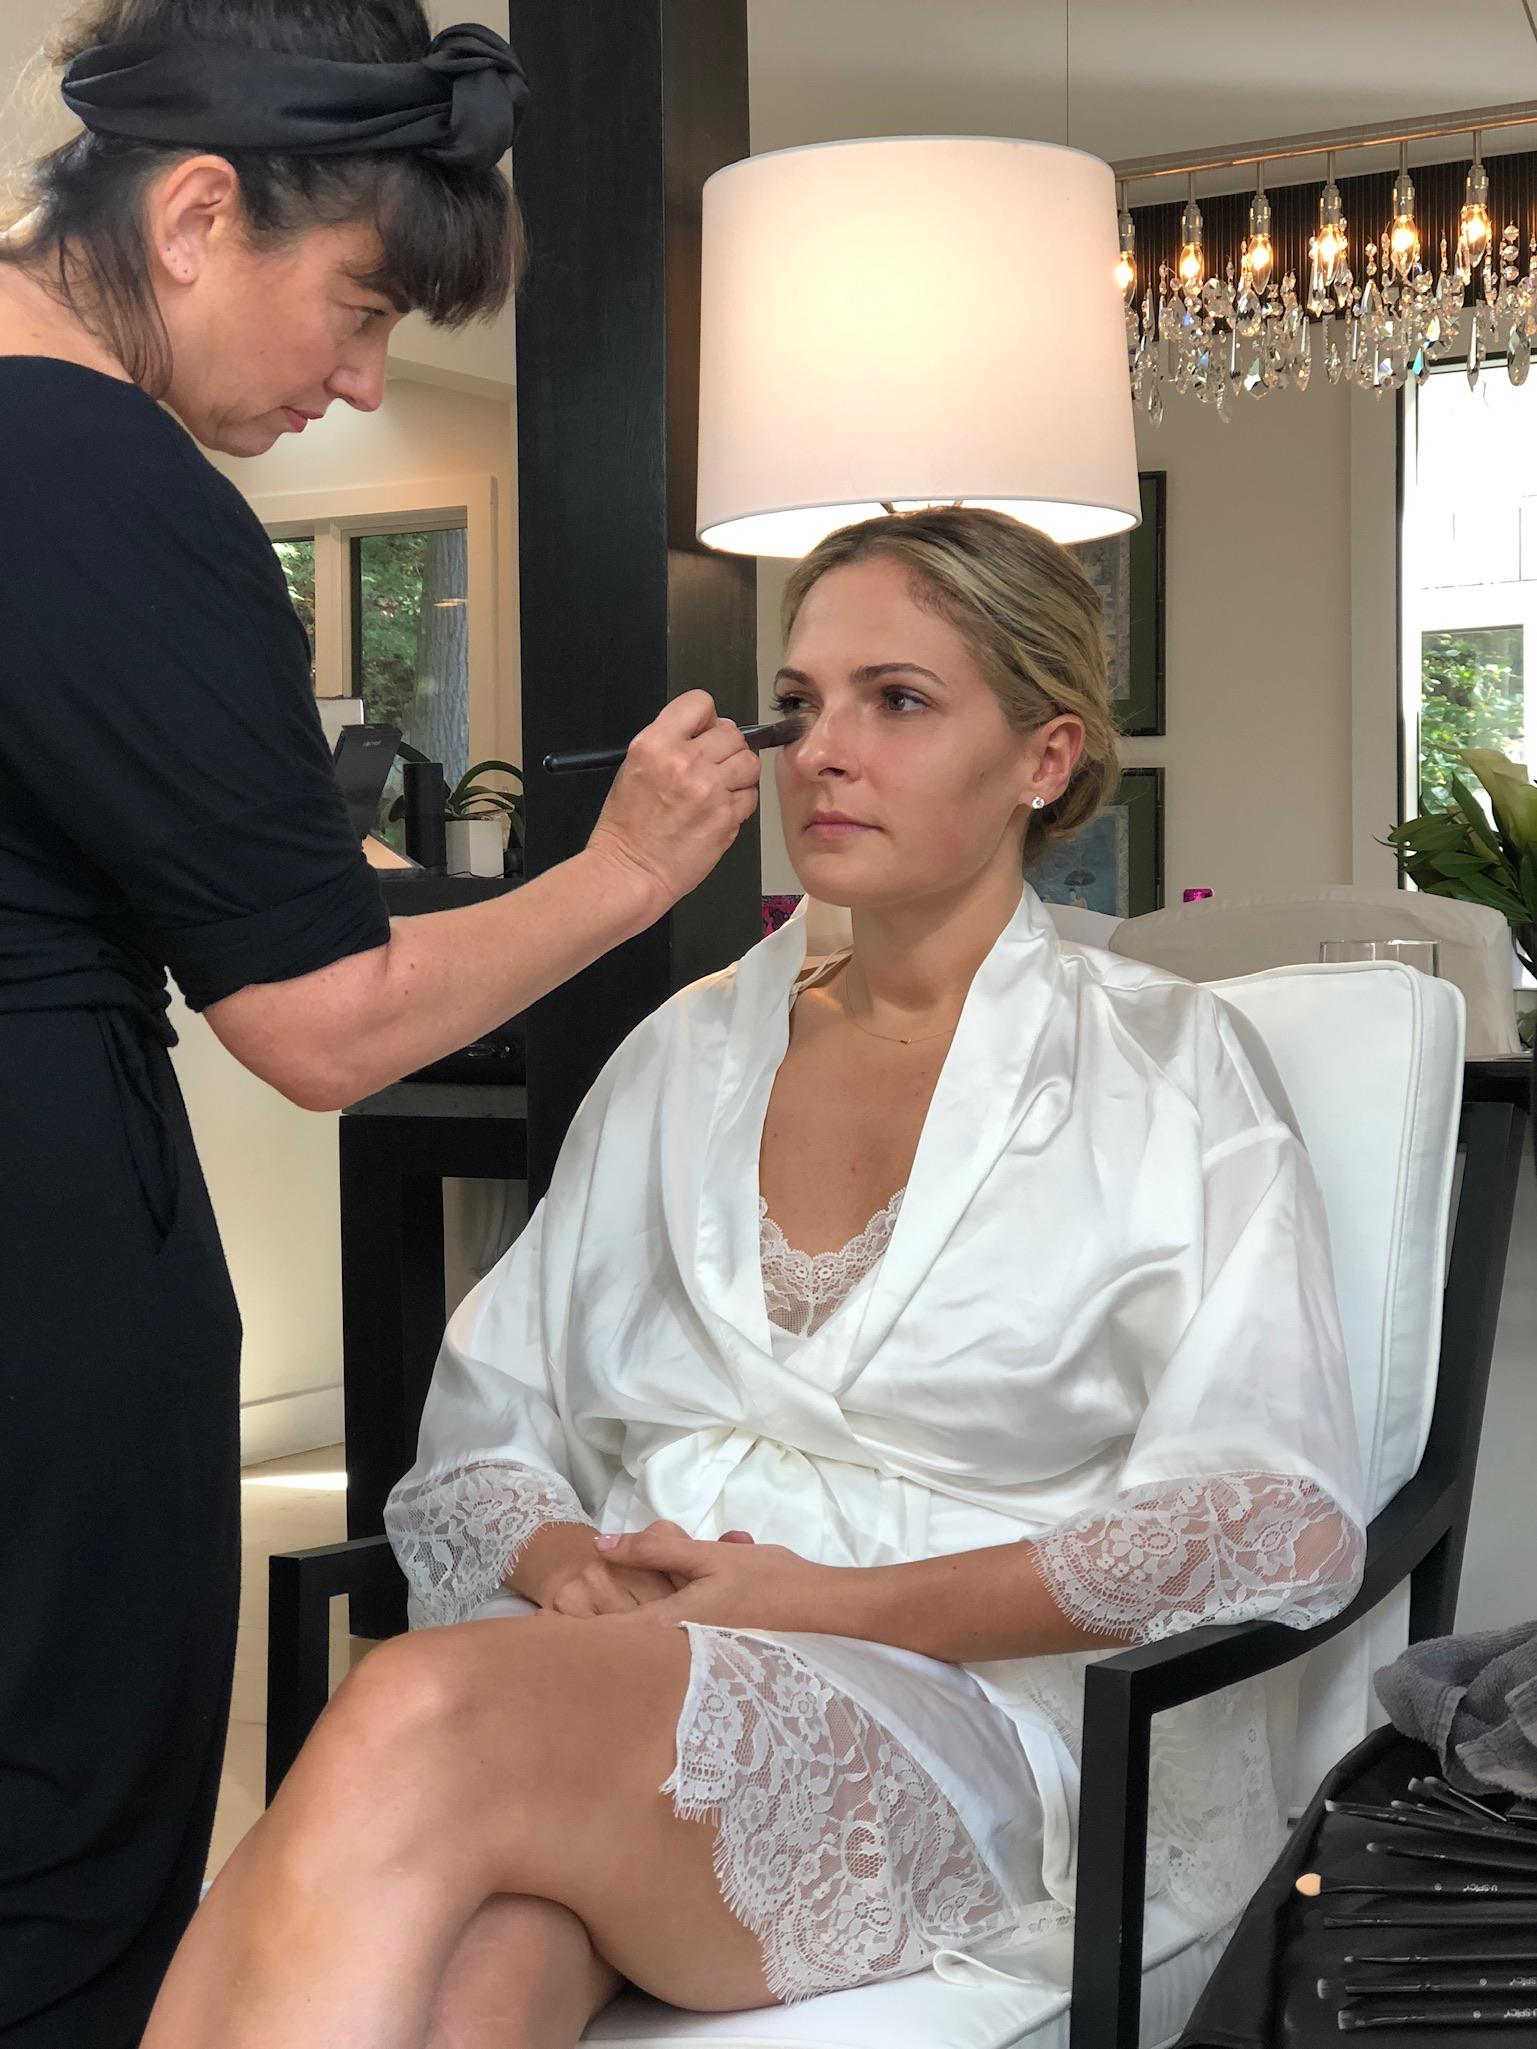 pilar makeup services